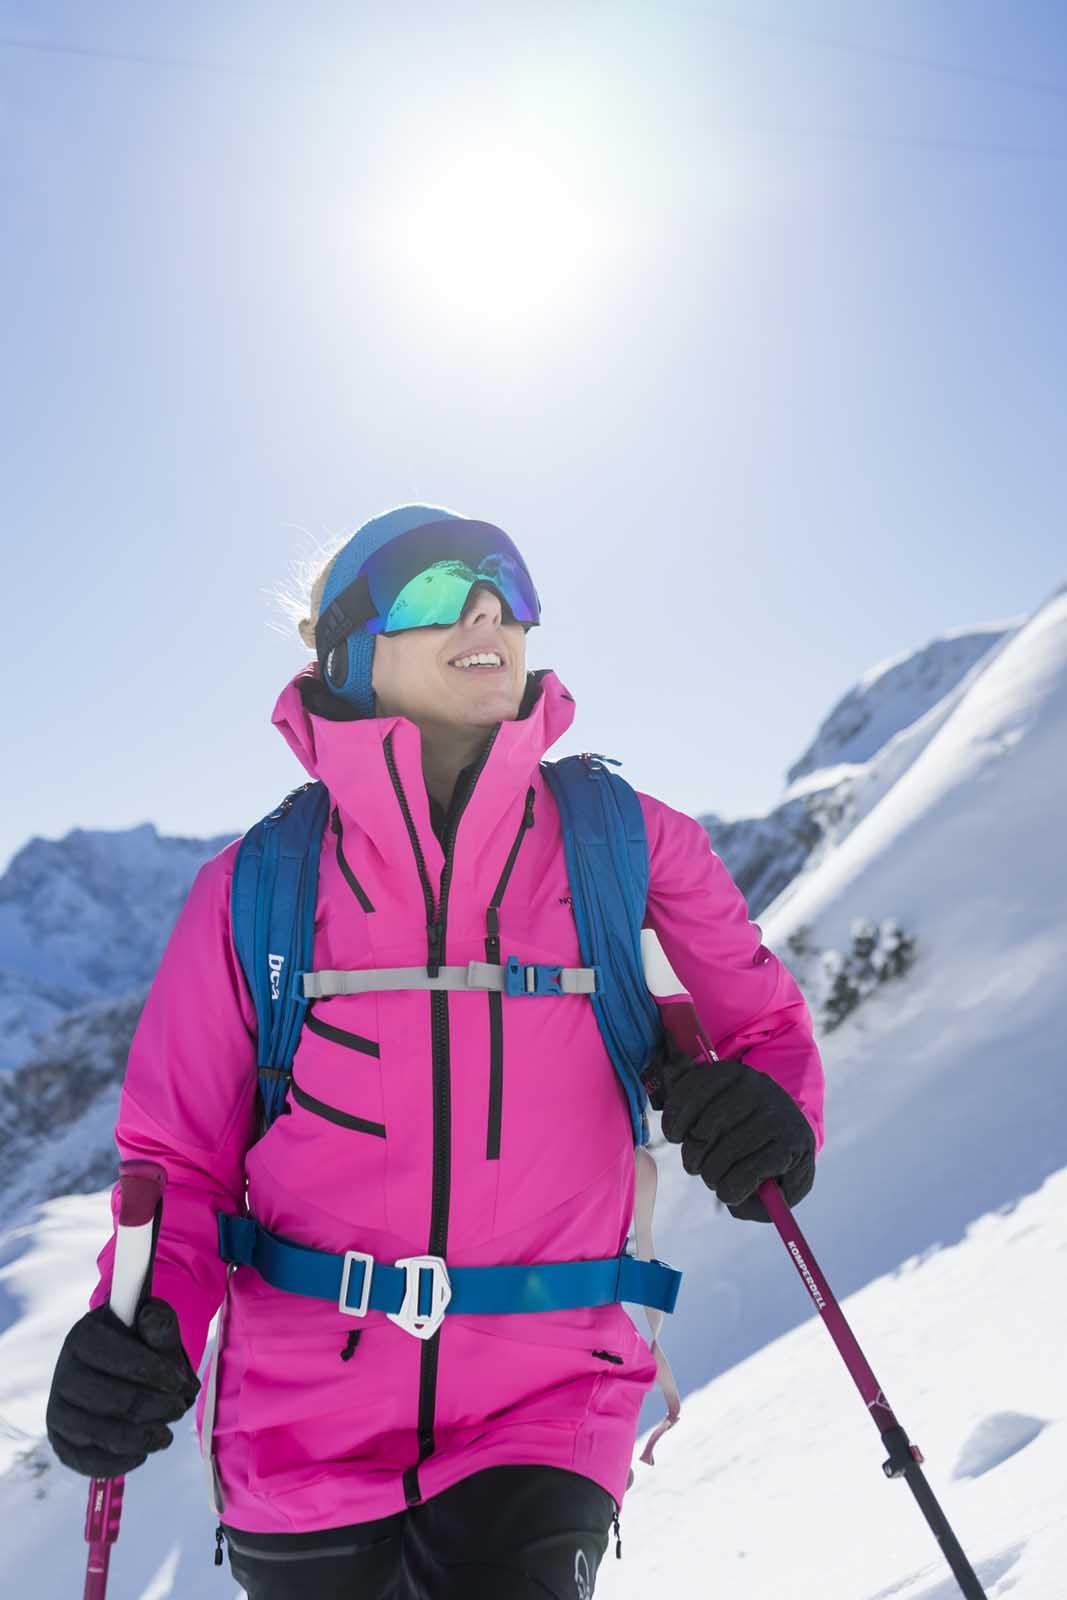 Sportfotografie-Wintersport-Ski-Skitour-Frau-Sonne-Berglandschaft-Wettersteingebirge-Zugspitzregion